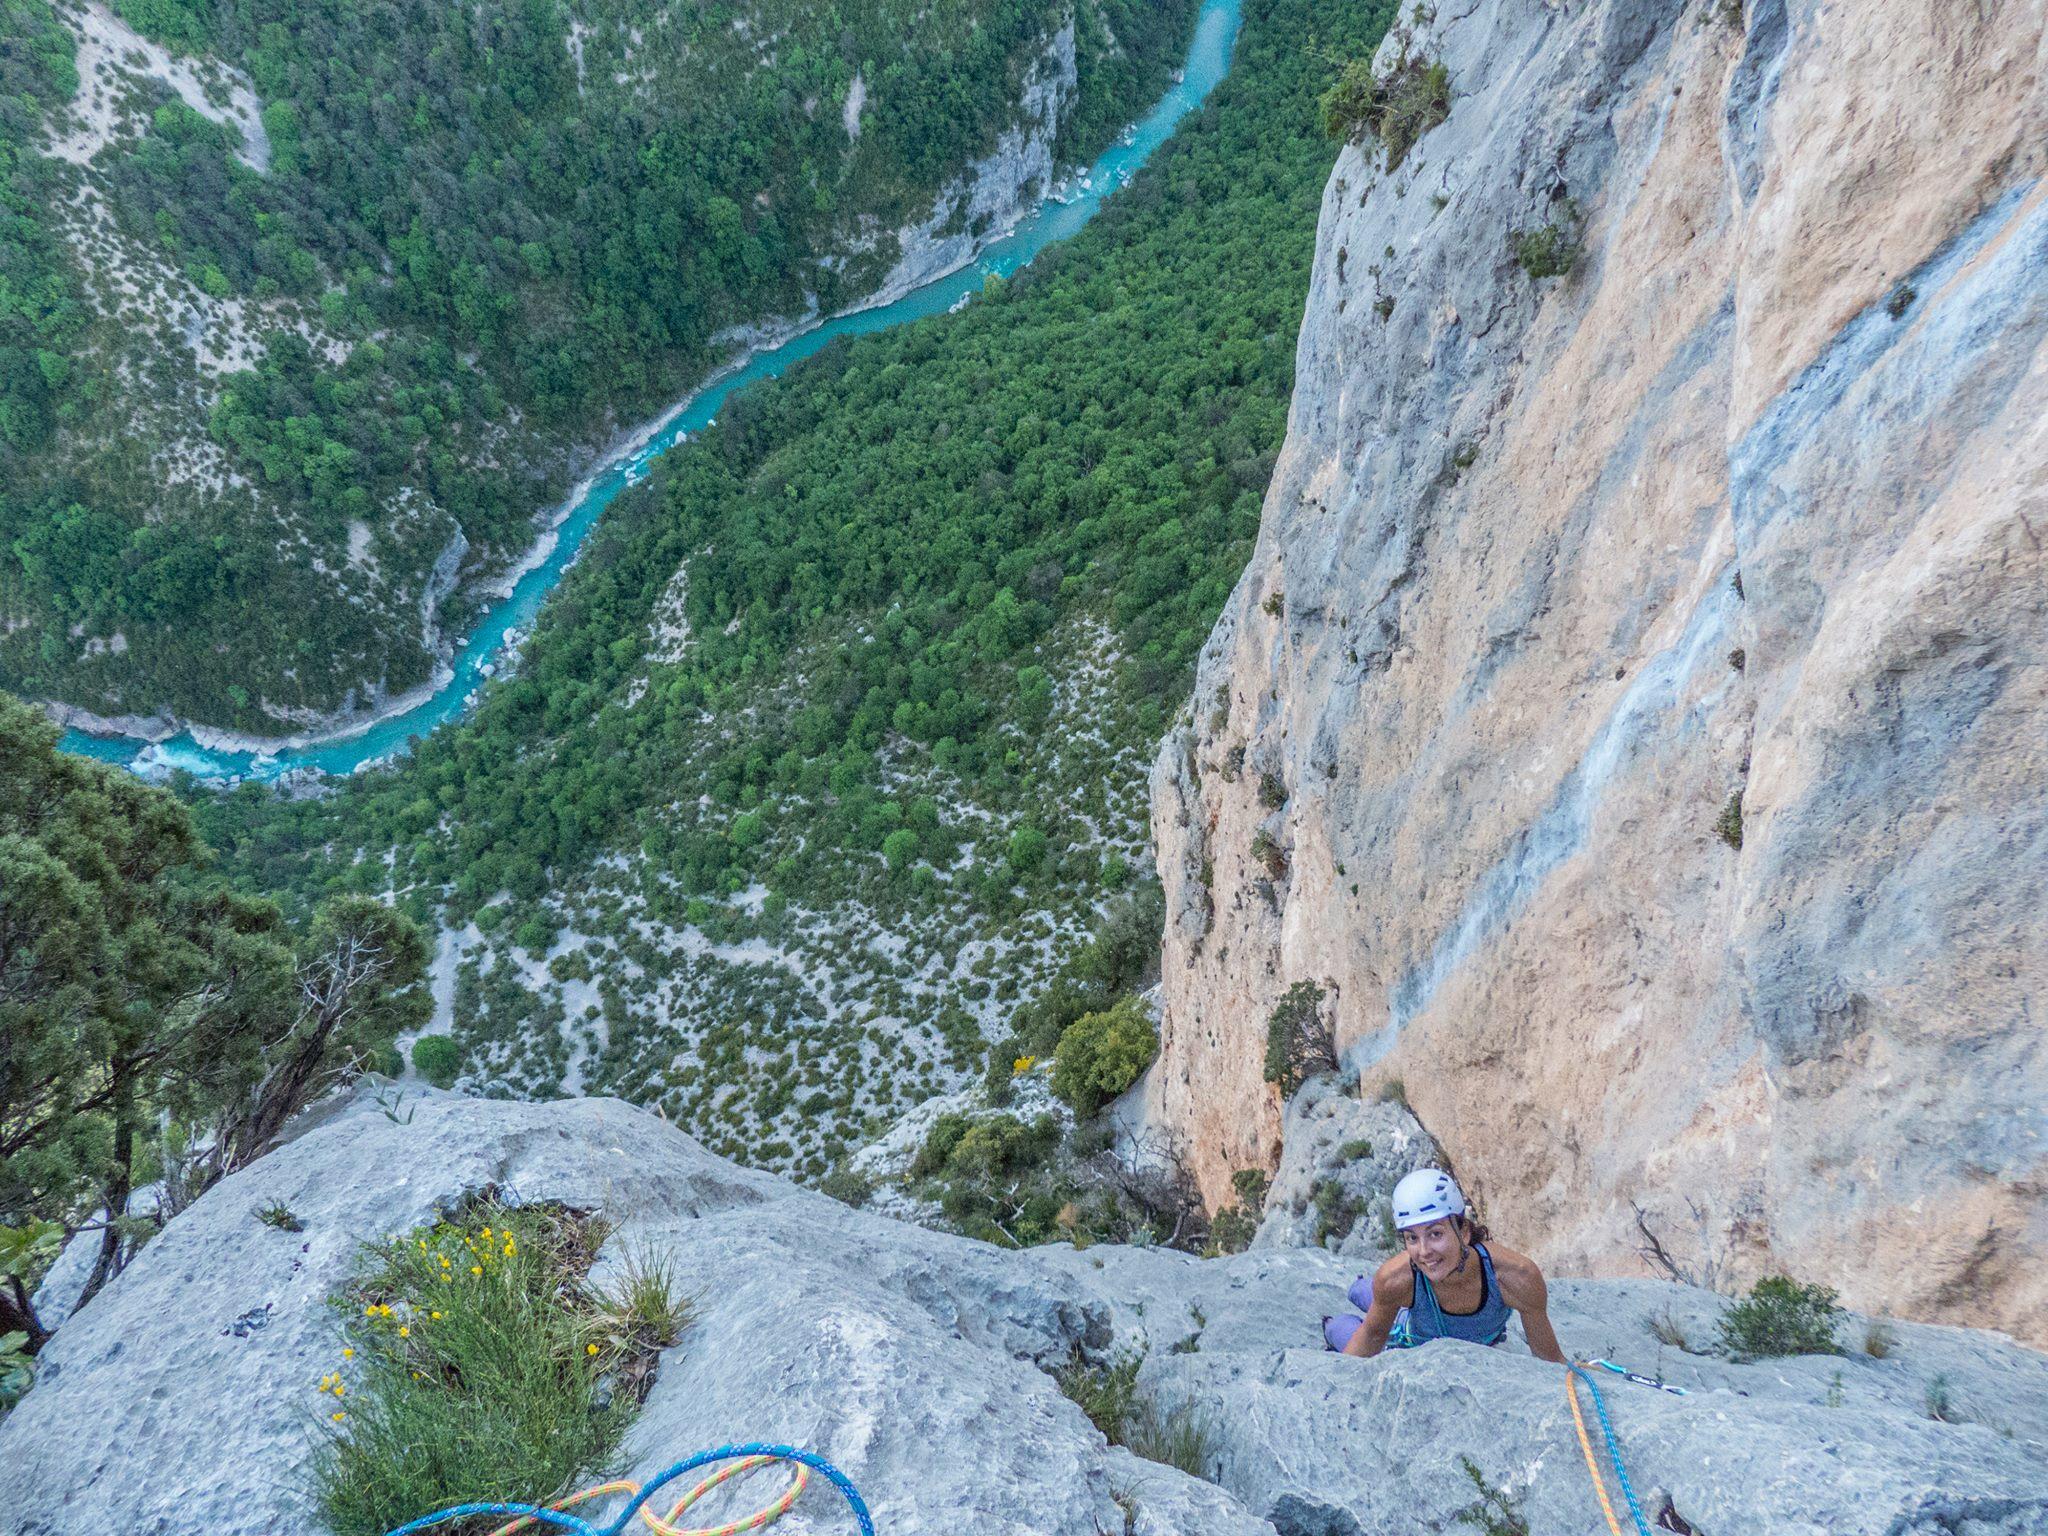 Escalade dans les Gorges du Verdon (®Fred Vionnet- grimpisme.com)